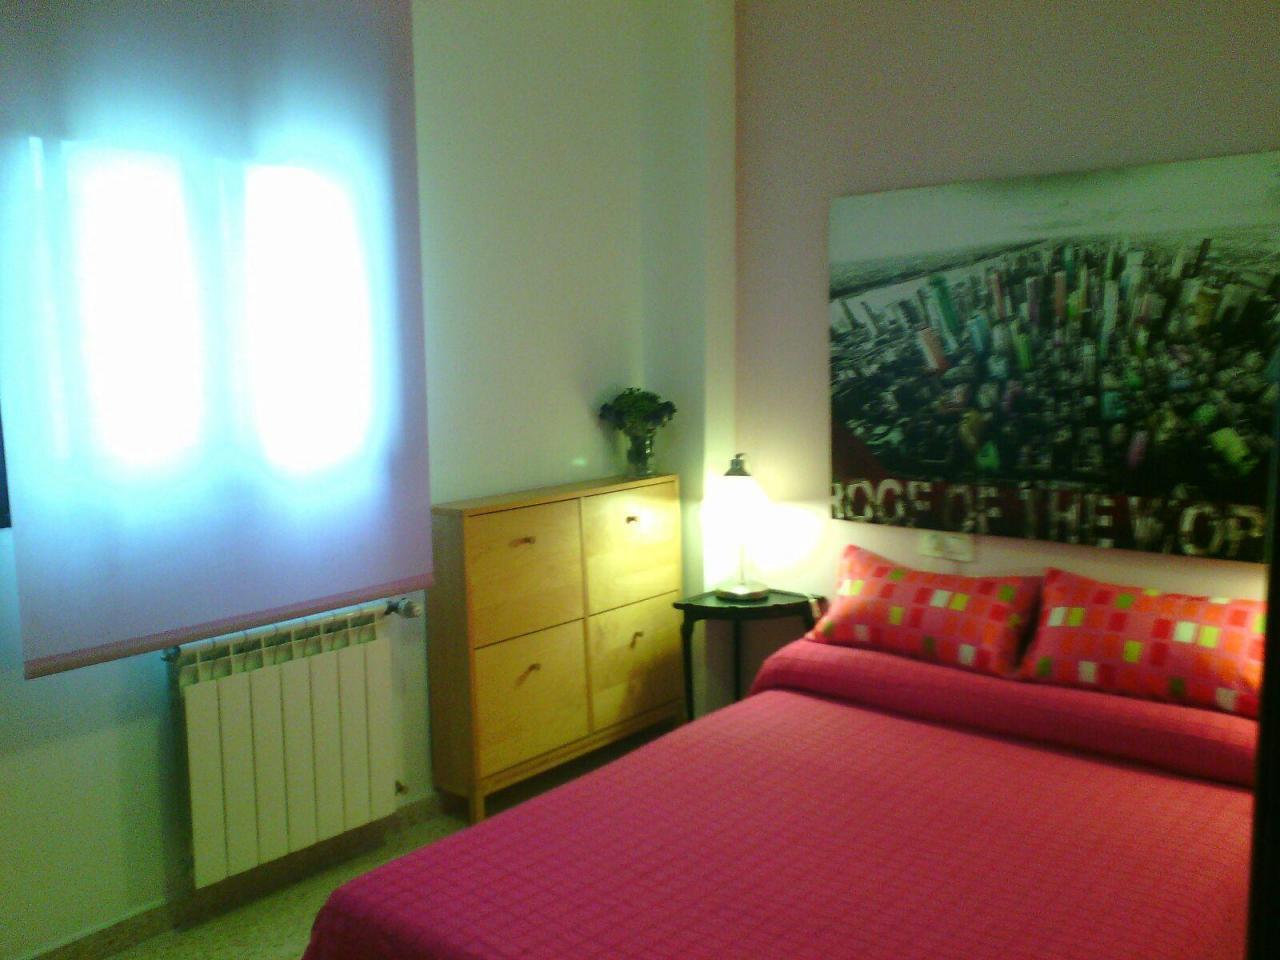 Apartamento para vacaciones Mérida, Badajoz